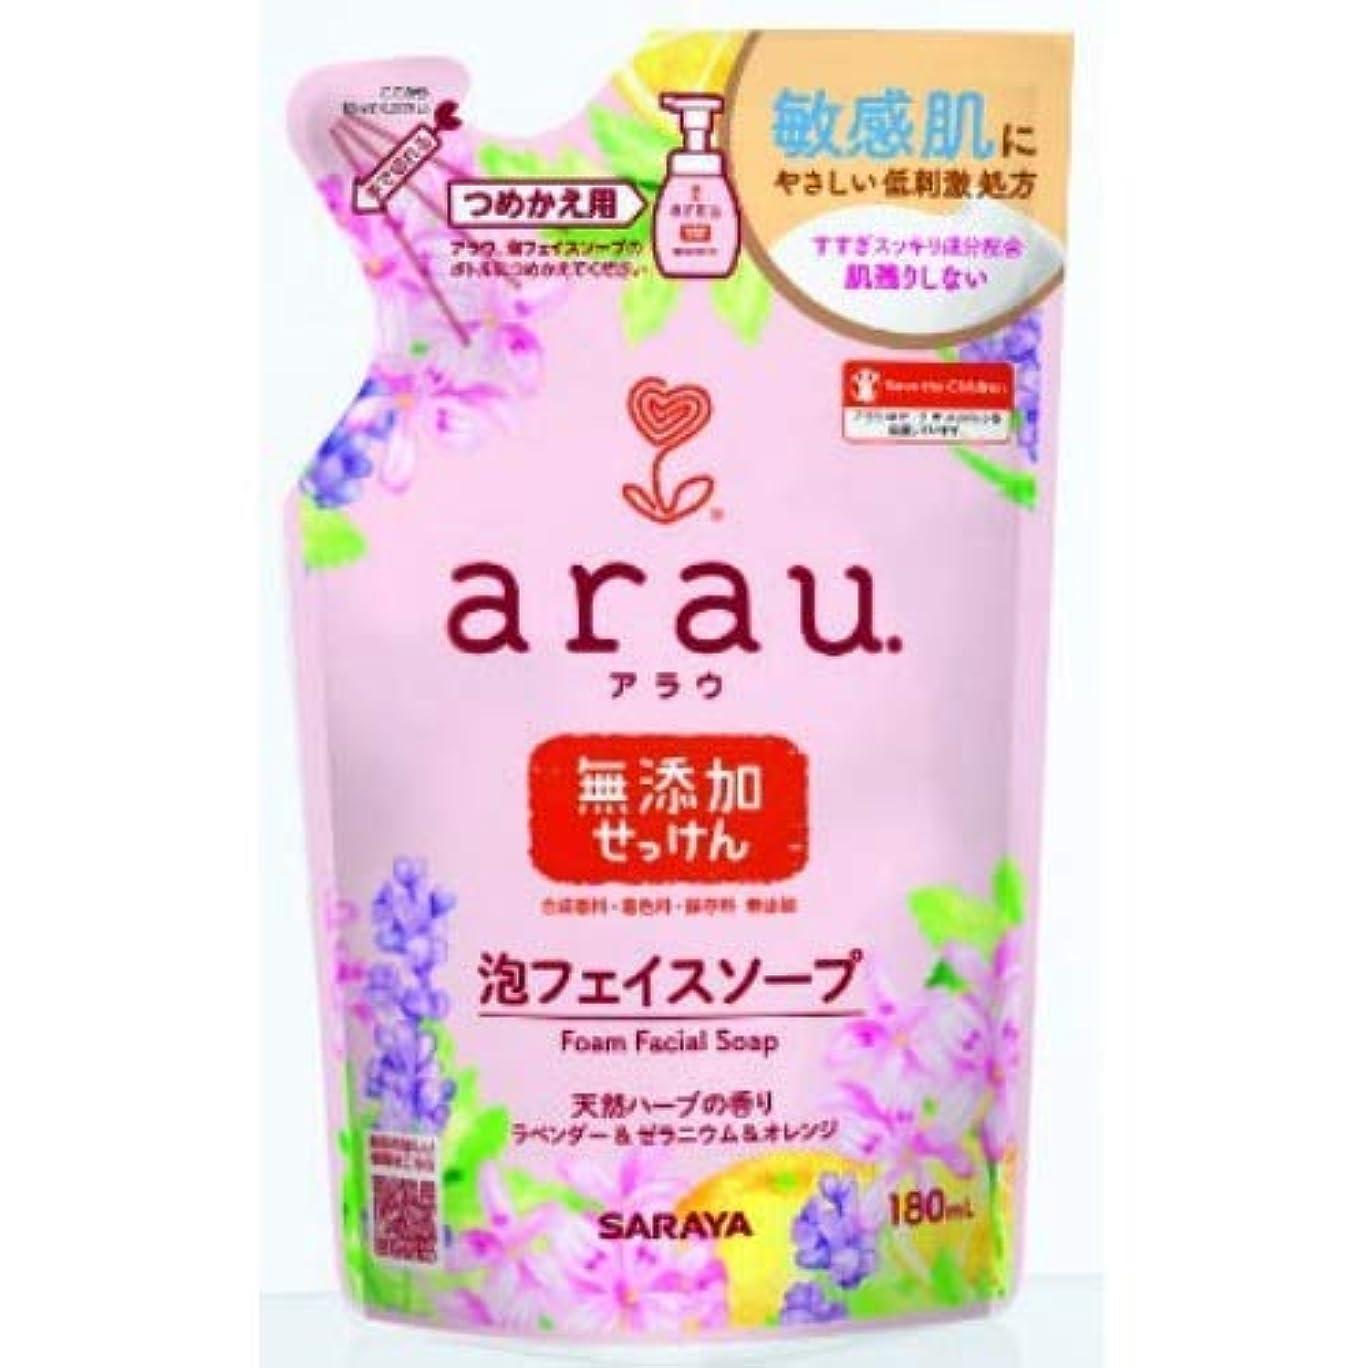 ヒューマニスティック甘くするあらゆる種類のarau.(アラウ) 泡フェイスソープ 洗顔 天然ハーブ 詰替え用 180mL